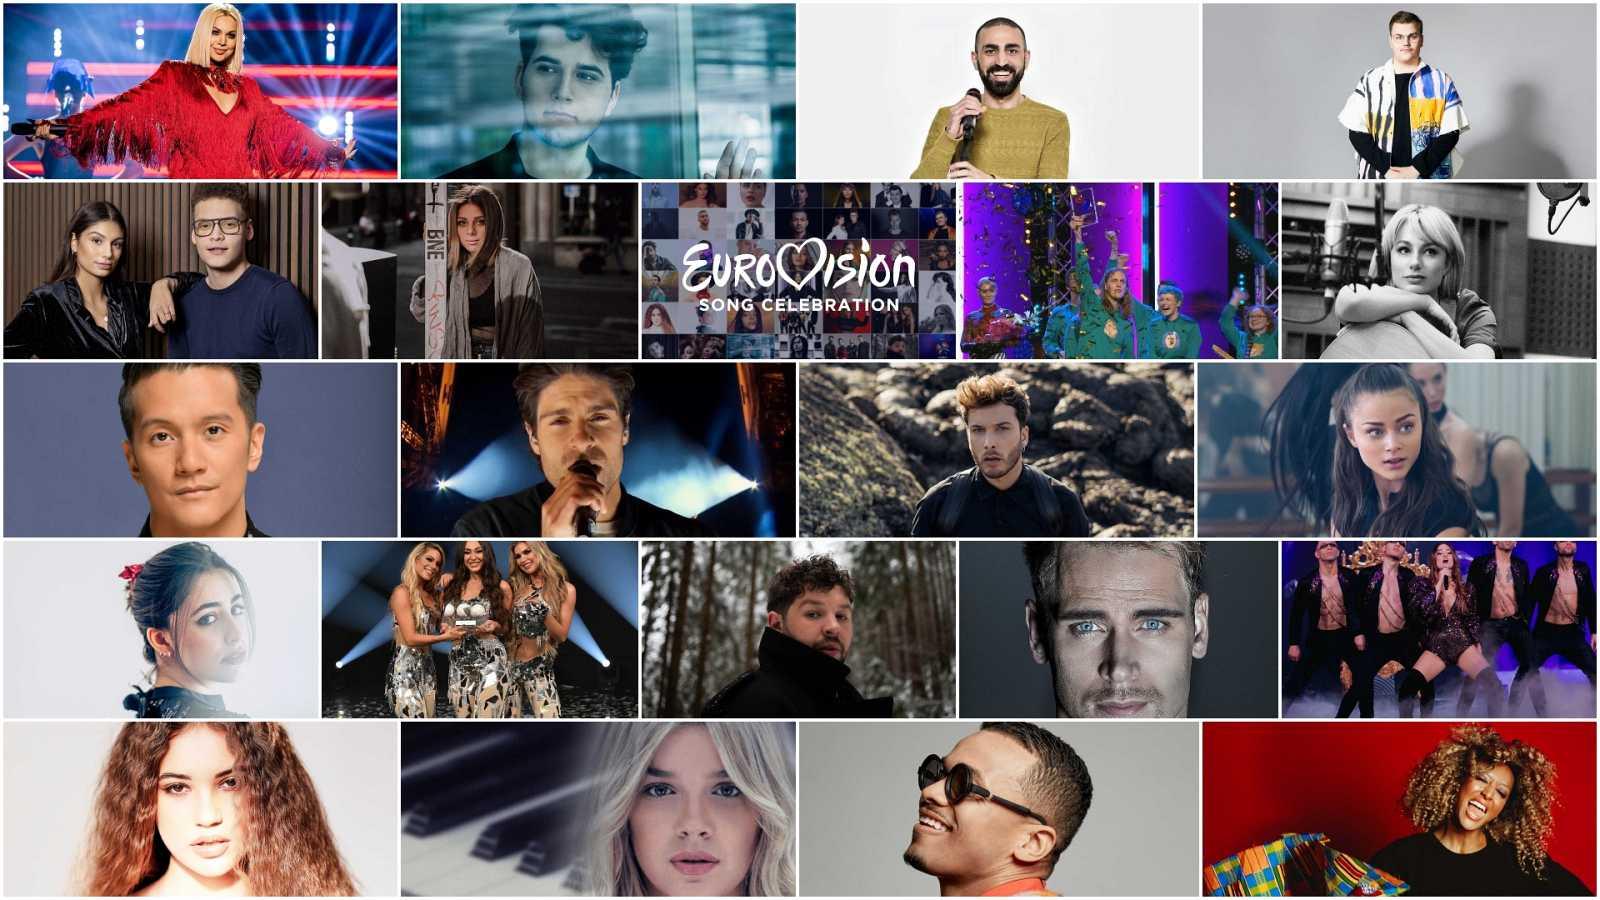 Eurovisión 2020 - Eurovision Song Celebration: Semifinal 2